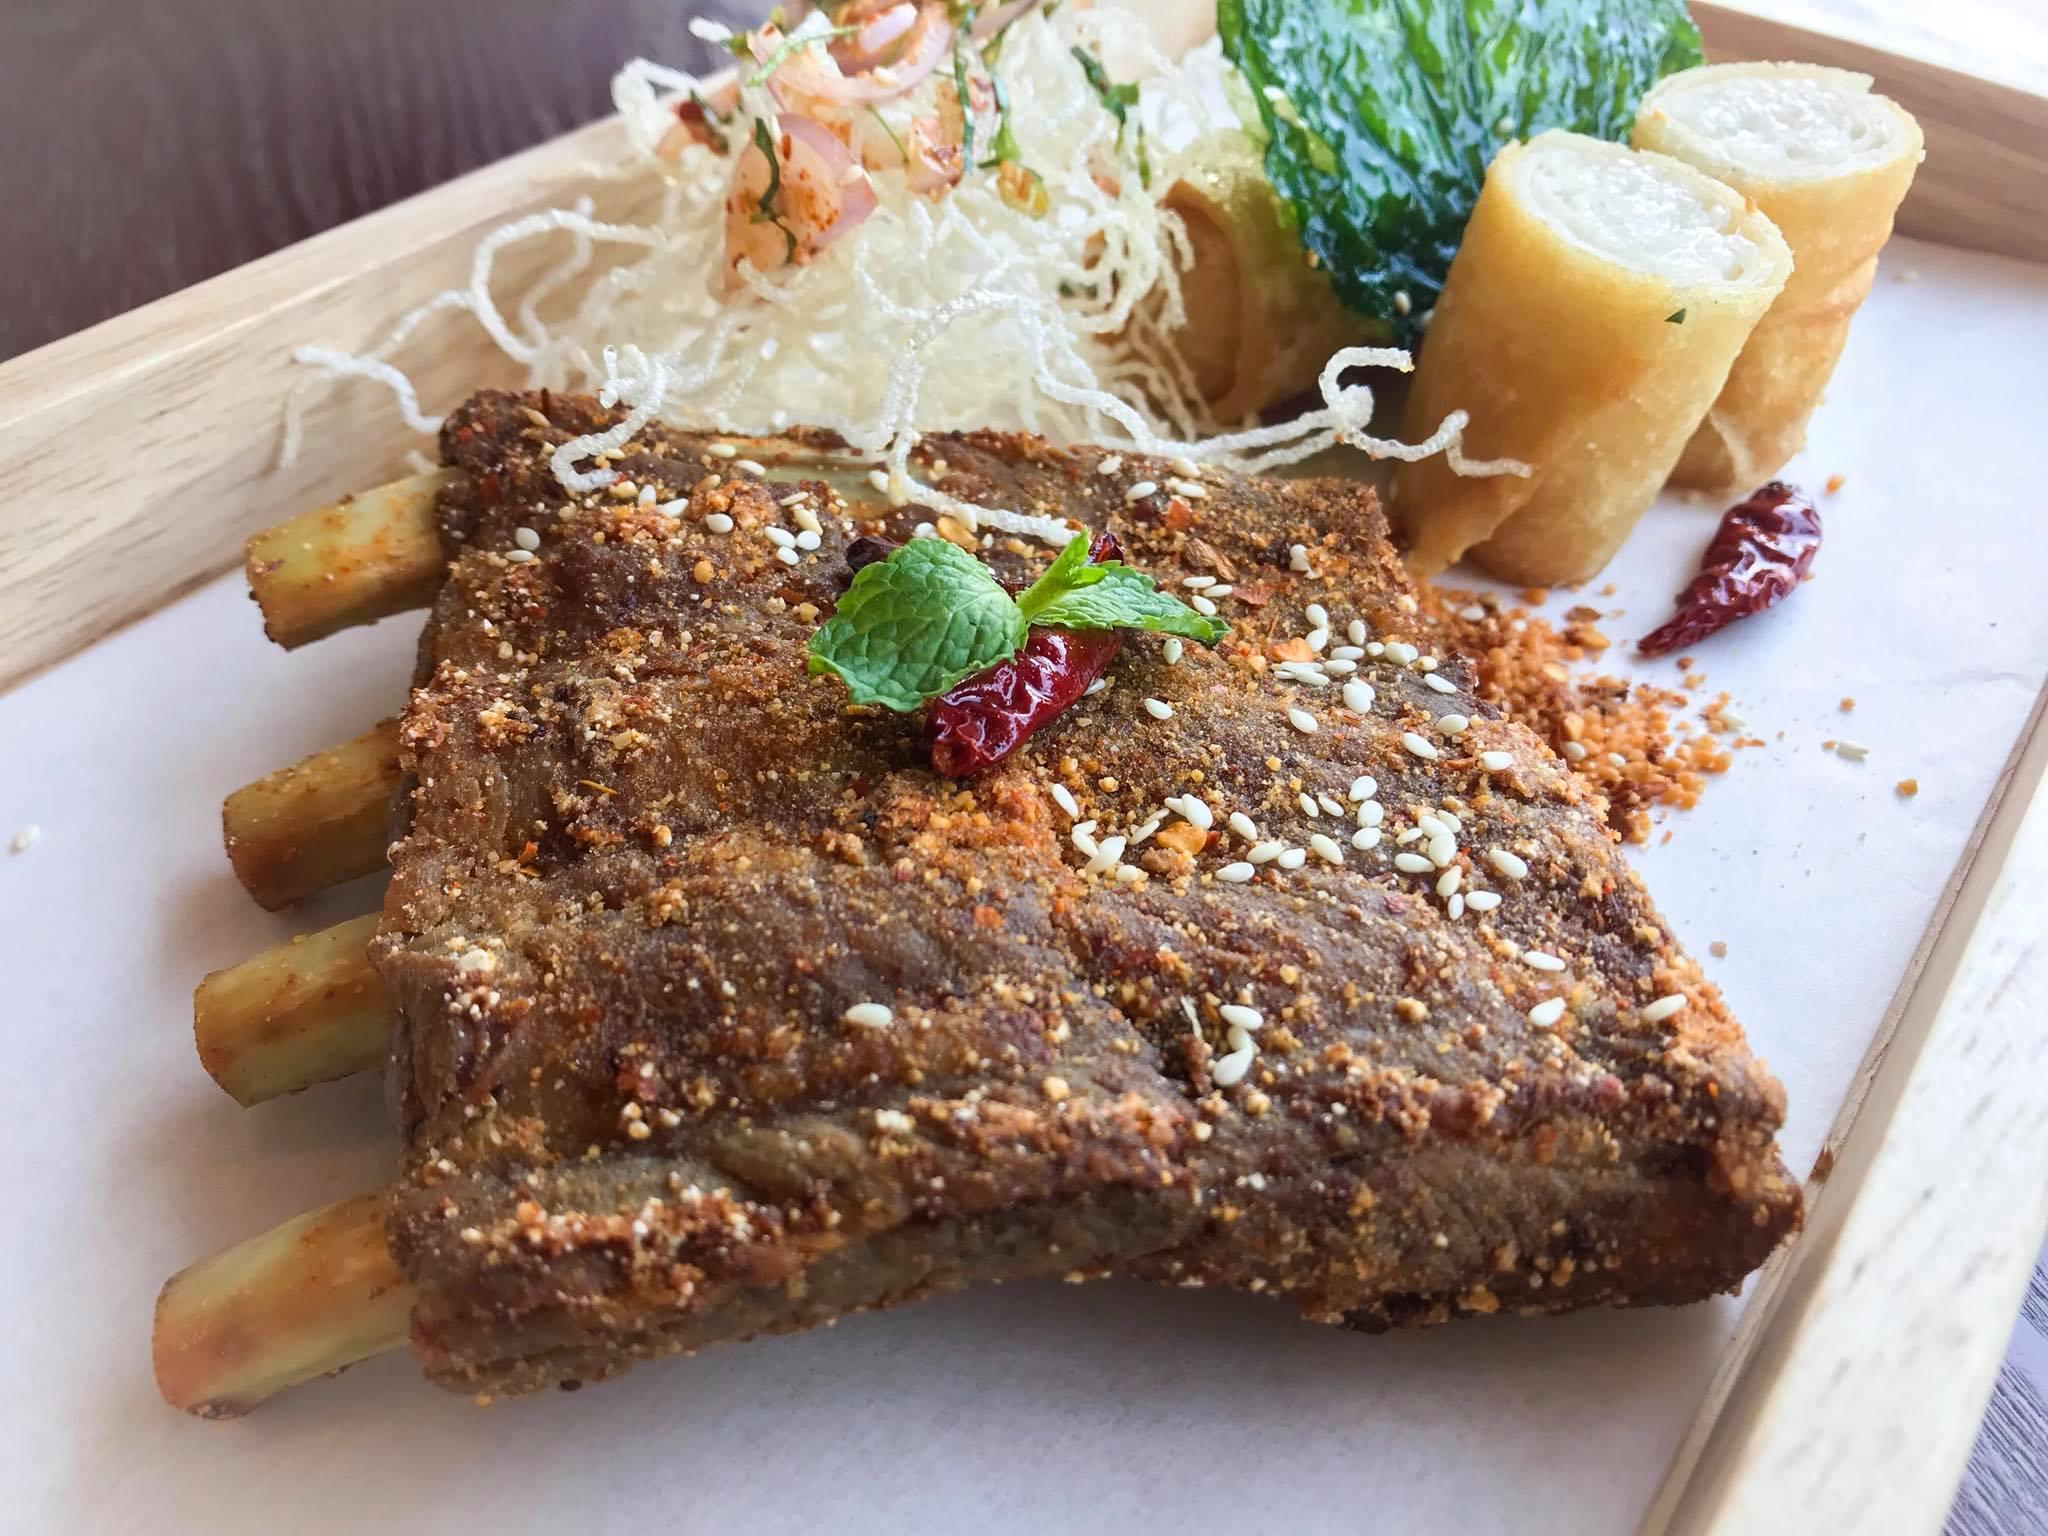 ปักหมุดความอร่อยสไตล์ไทยๆ ที่วิวันดา คูซีน 2 -